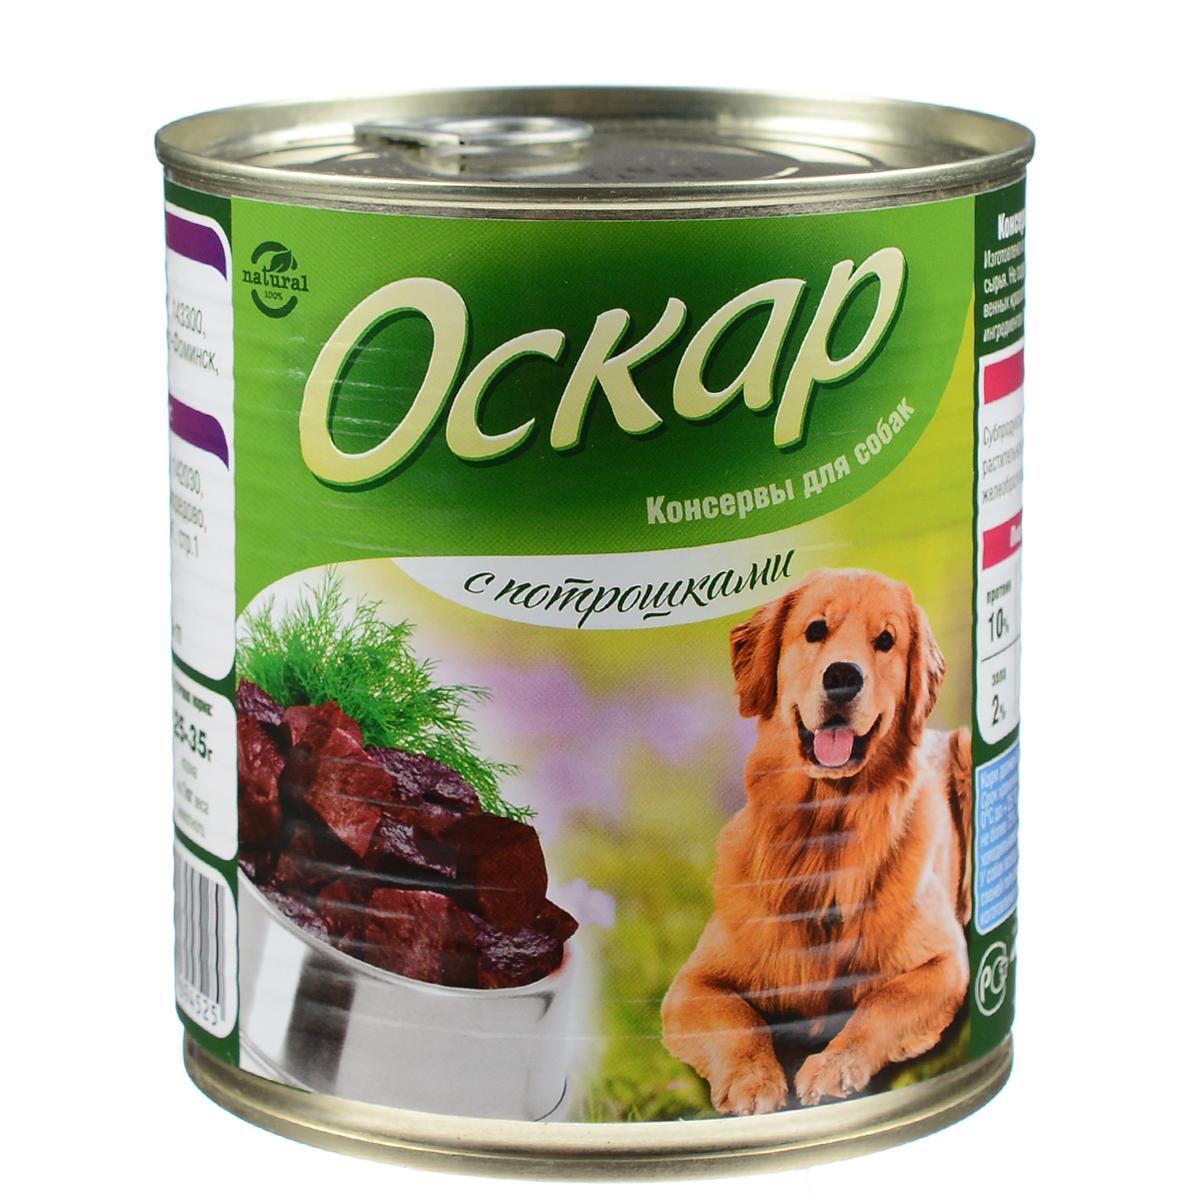 Консервы для собак Оскар, с потрошками, 750 г54767Консервы для собак Оскар изготовлены из натурального российского мясного сырья. Не содержат сои, ароматизаторов, искусственных красителей, ГМО. Состав: субпродукты говядины, мясо птицы, растительное масло, натуральная желеобразующая добавка, соль, вода. Пищевая ценность (100 г): протеин 10%, жир 5%, углеводы 4%, клетчатка 0,2%, зола 2%, влага 75%. Энергетическая ценность (на 100 г): 101 кКал. Товар сертифицирован.